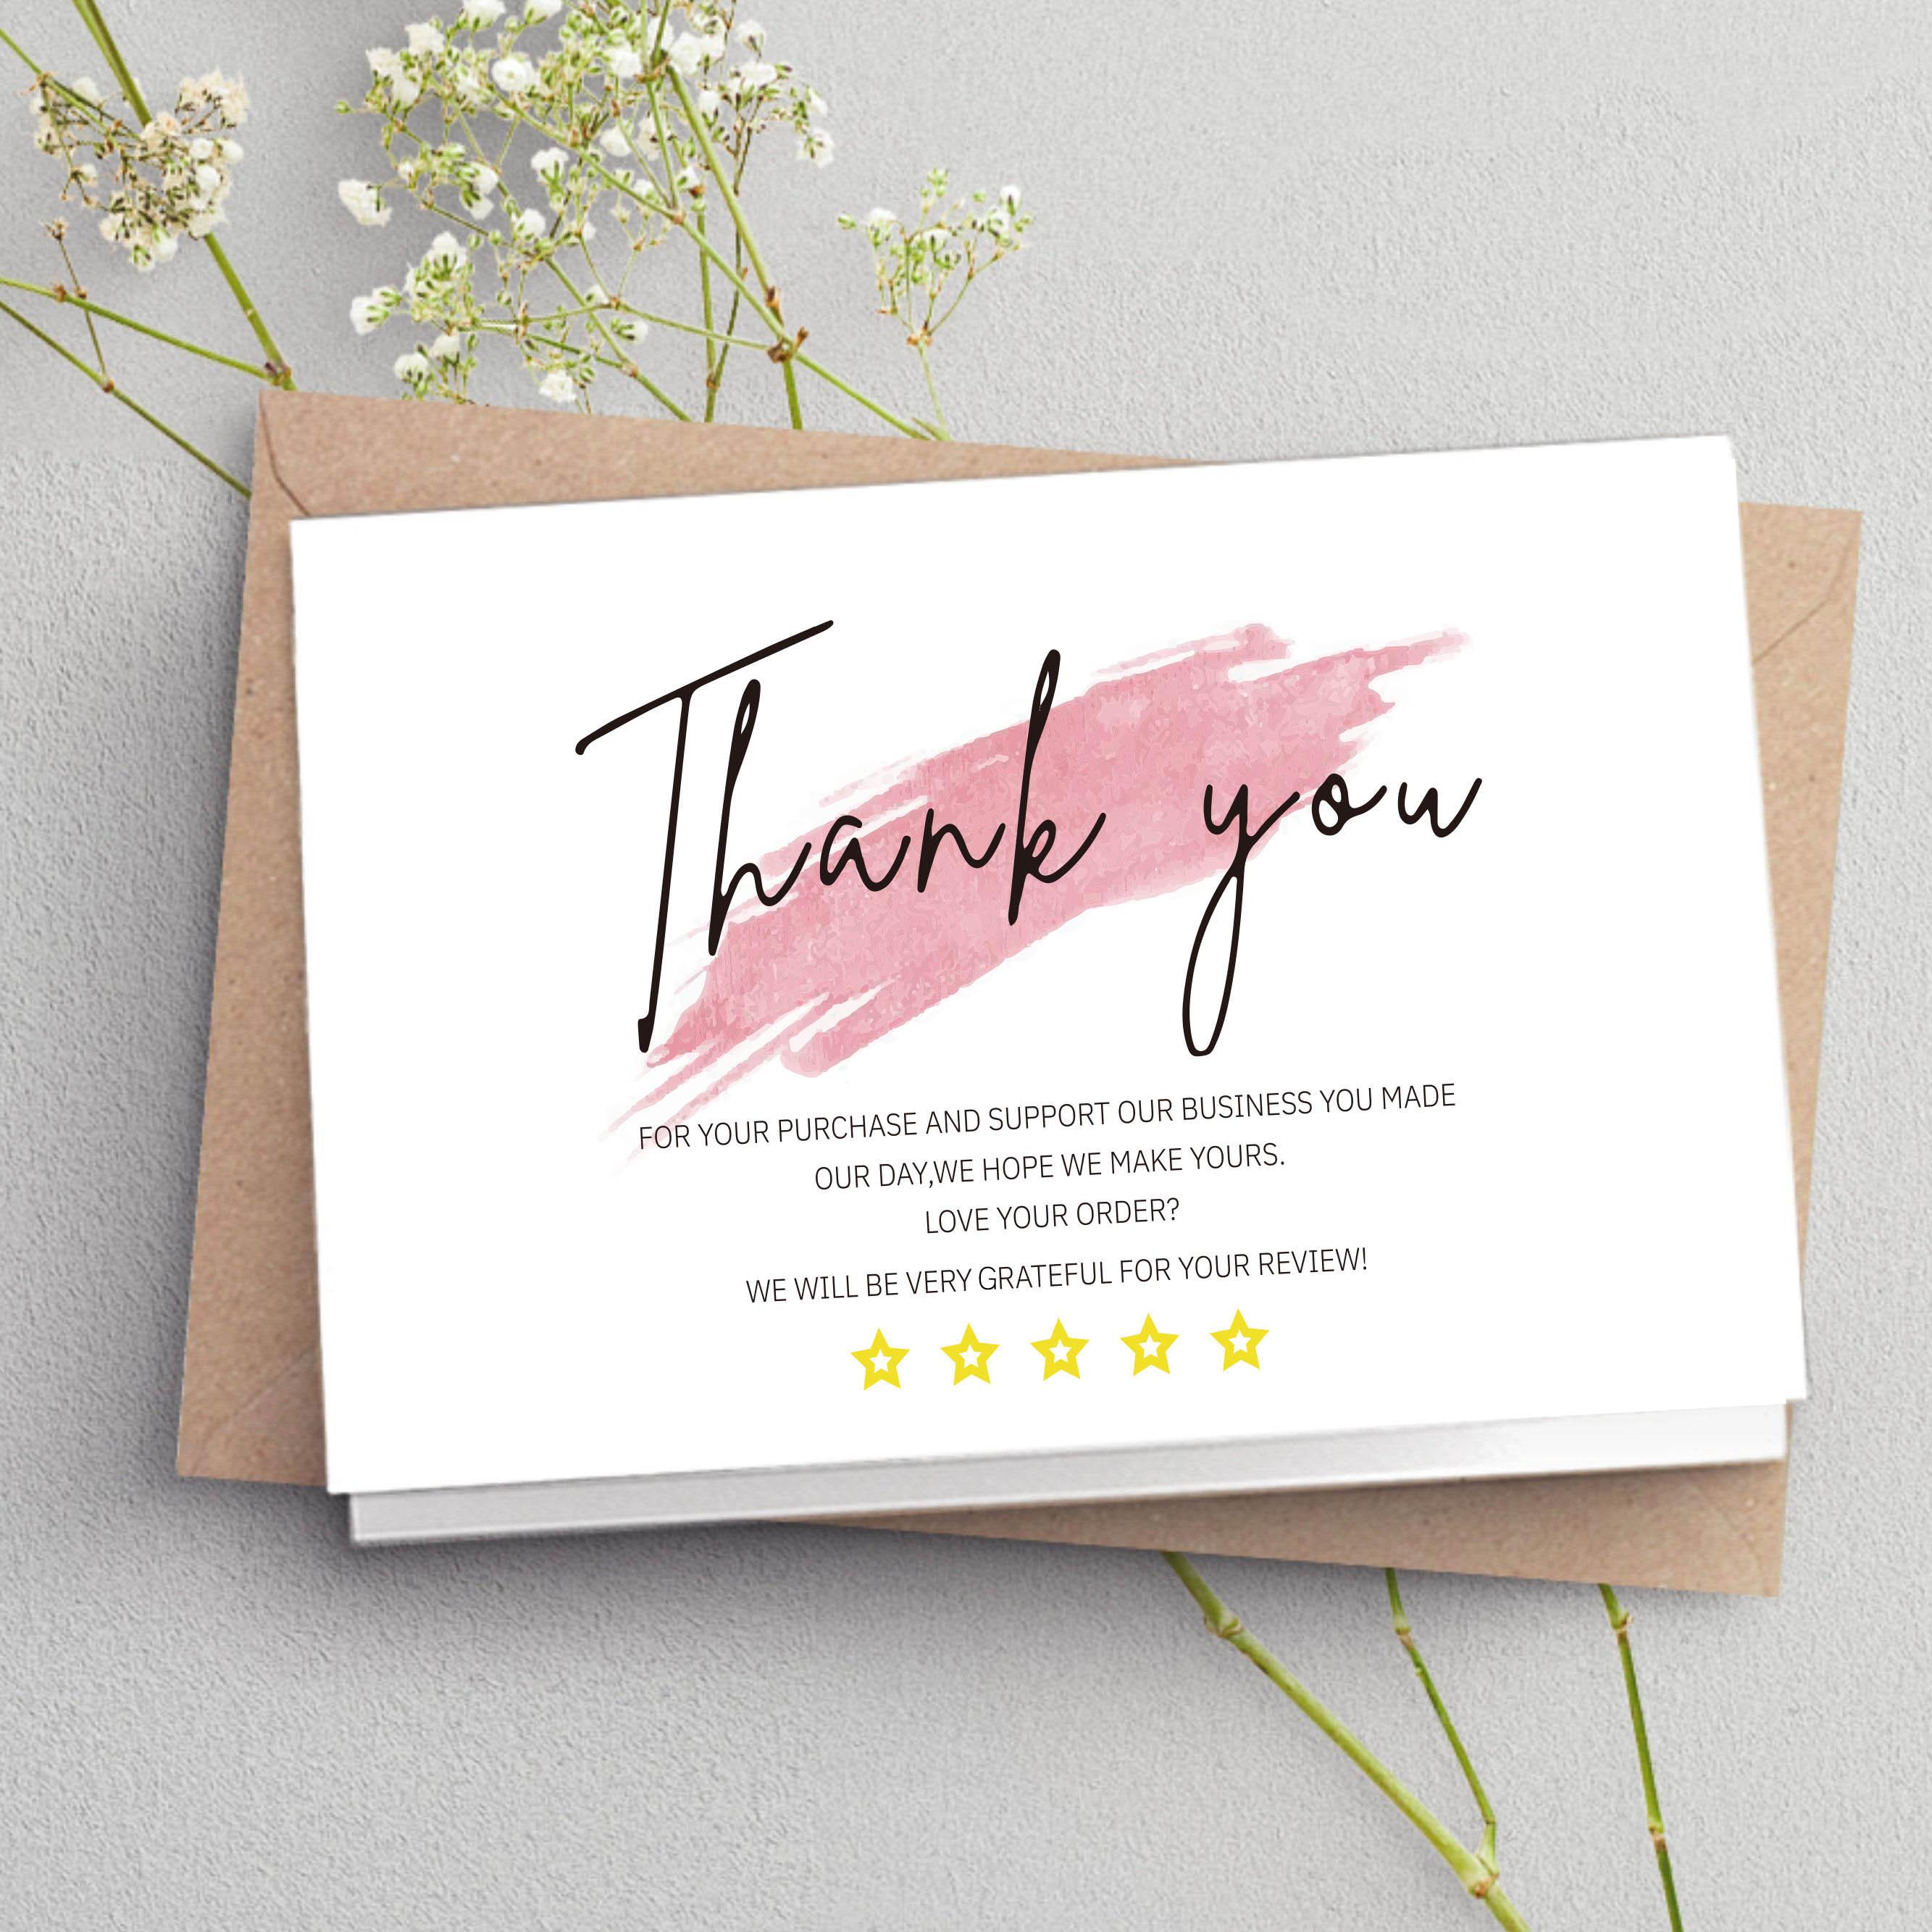 30-pcs-bianco-grazie-card-grazie-per-la-tua-carta-ordine-etichette-elogi-per-le-piccole-imprese-decor-per-pacchetto-regalo-piccolo-negozio